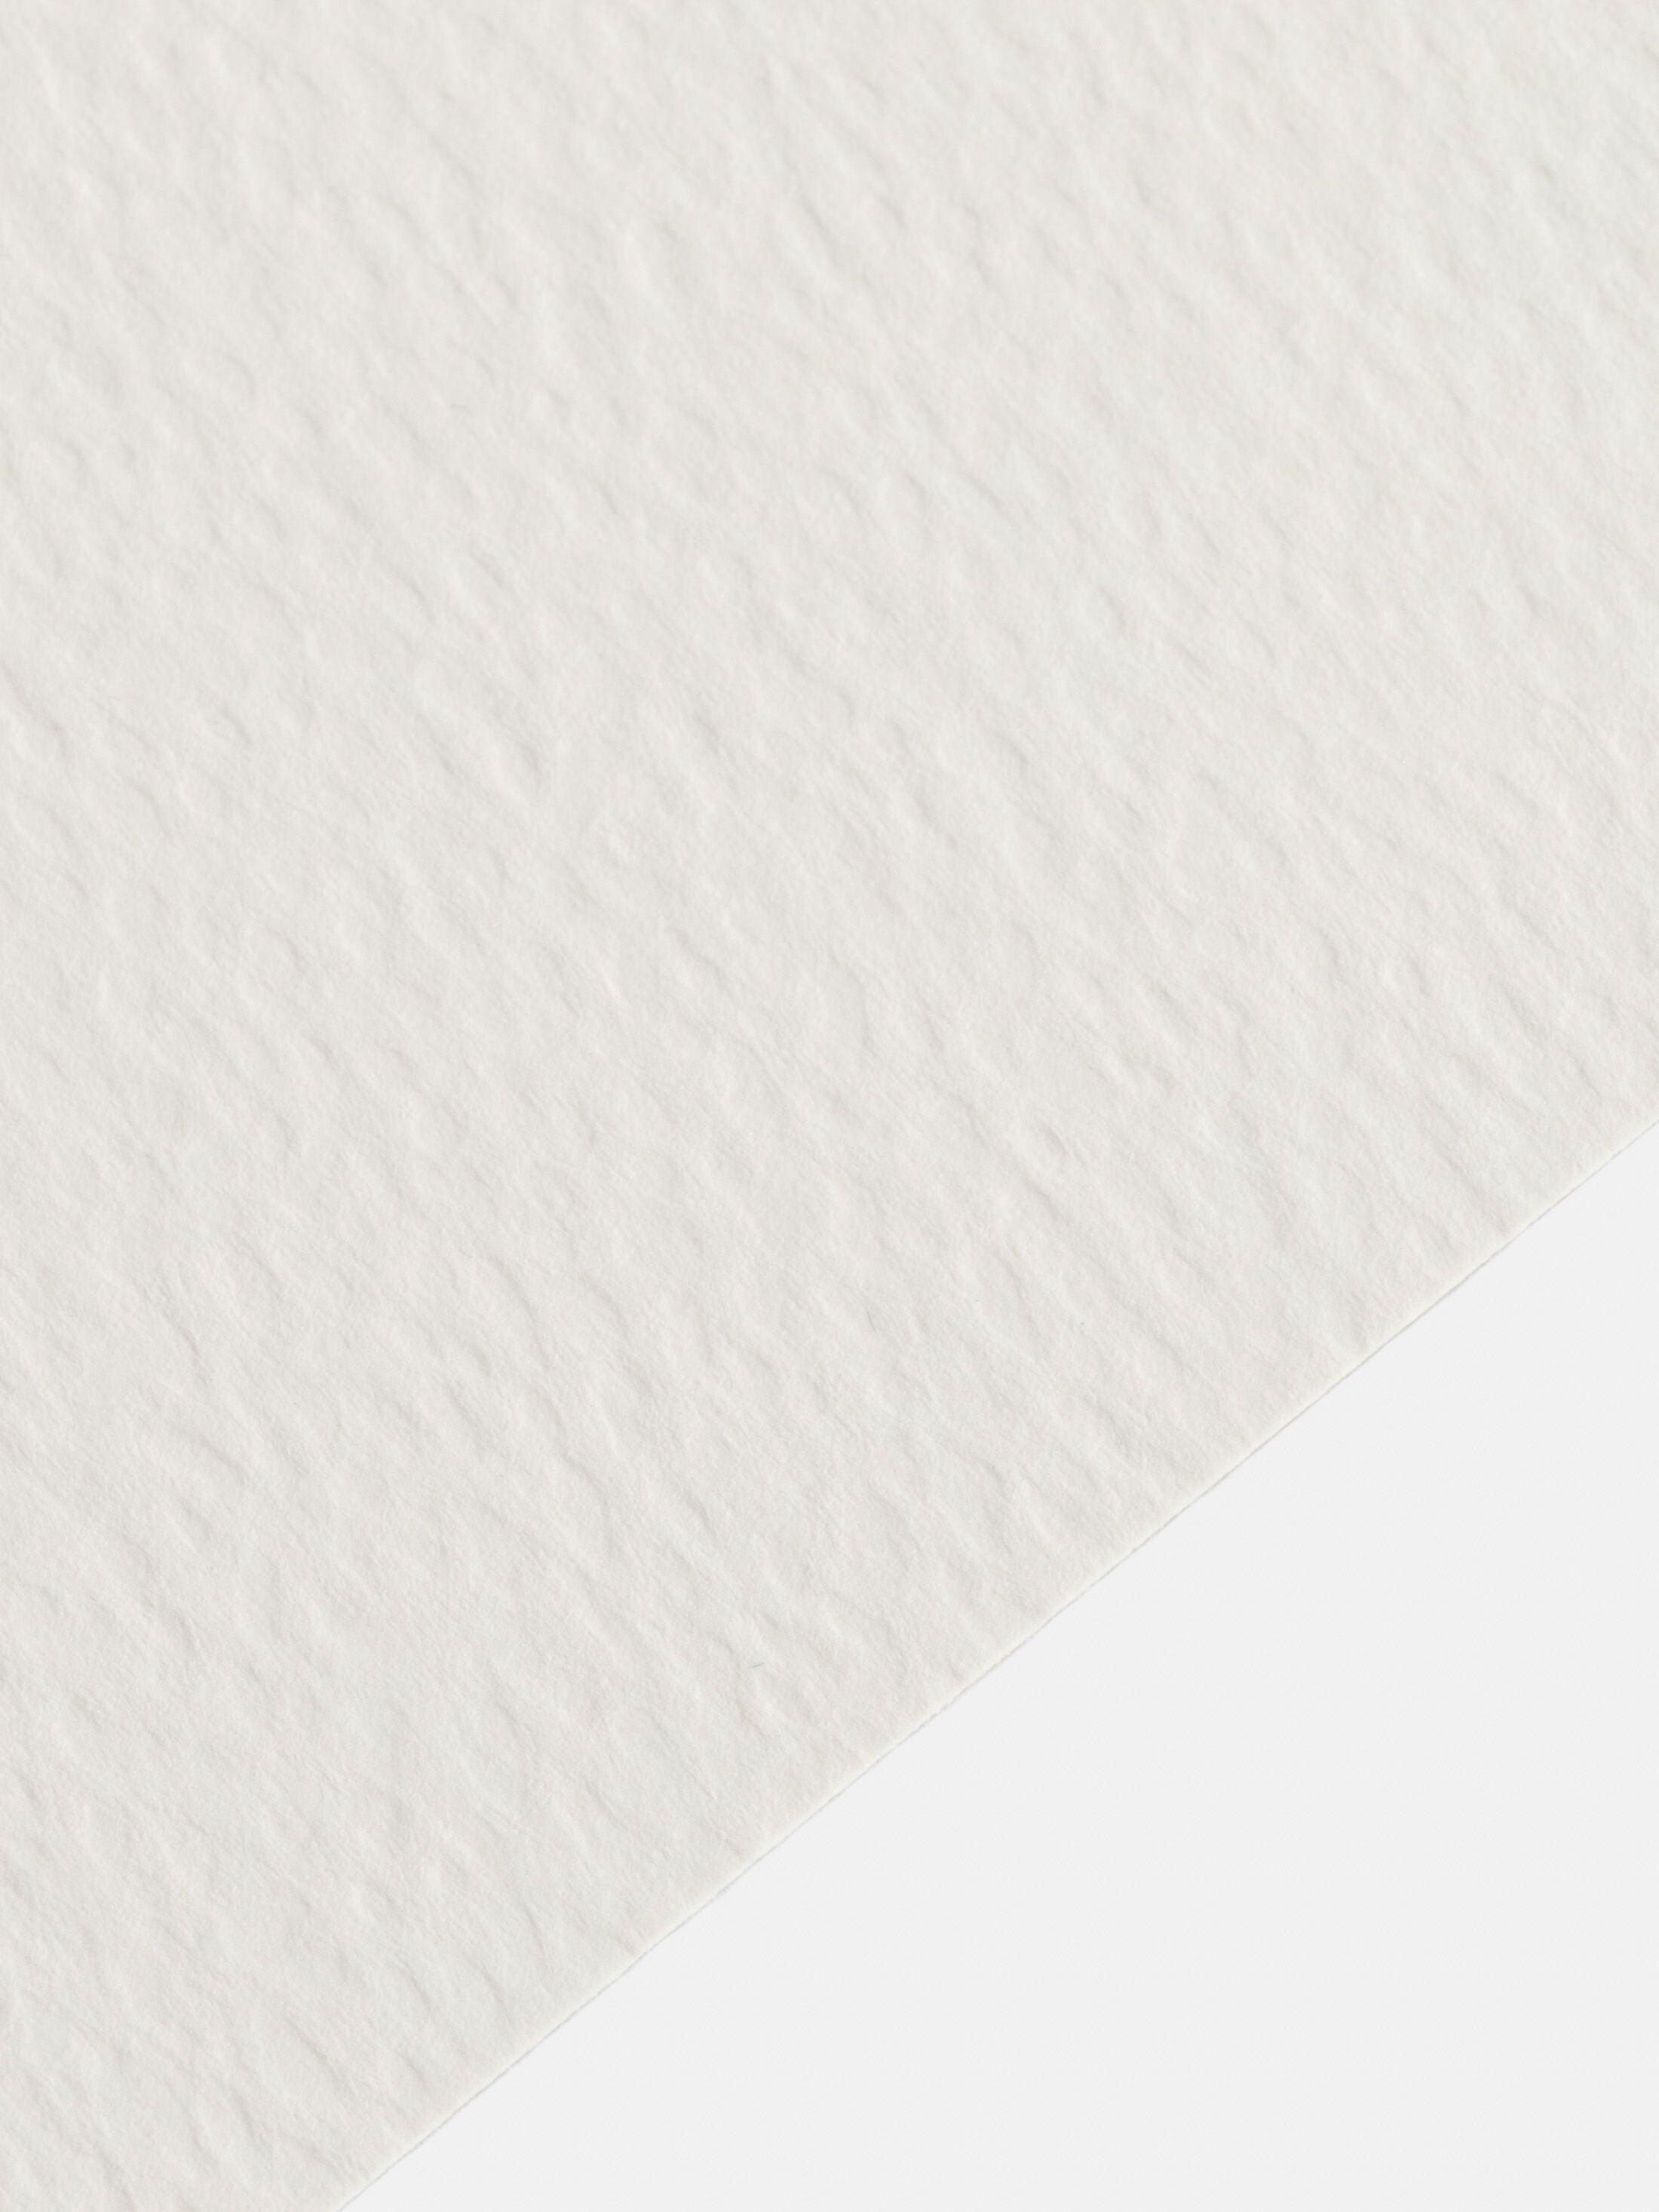 Kunstdrucke Papier Strukturiert